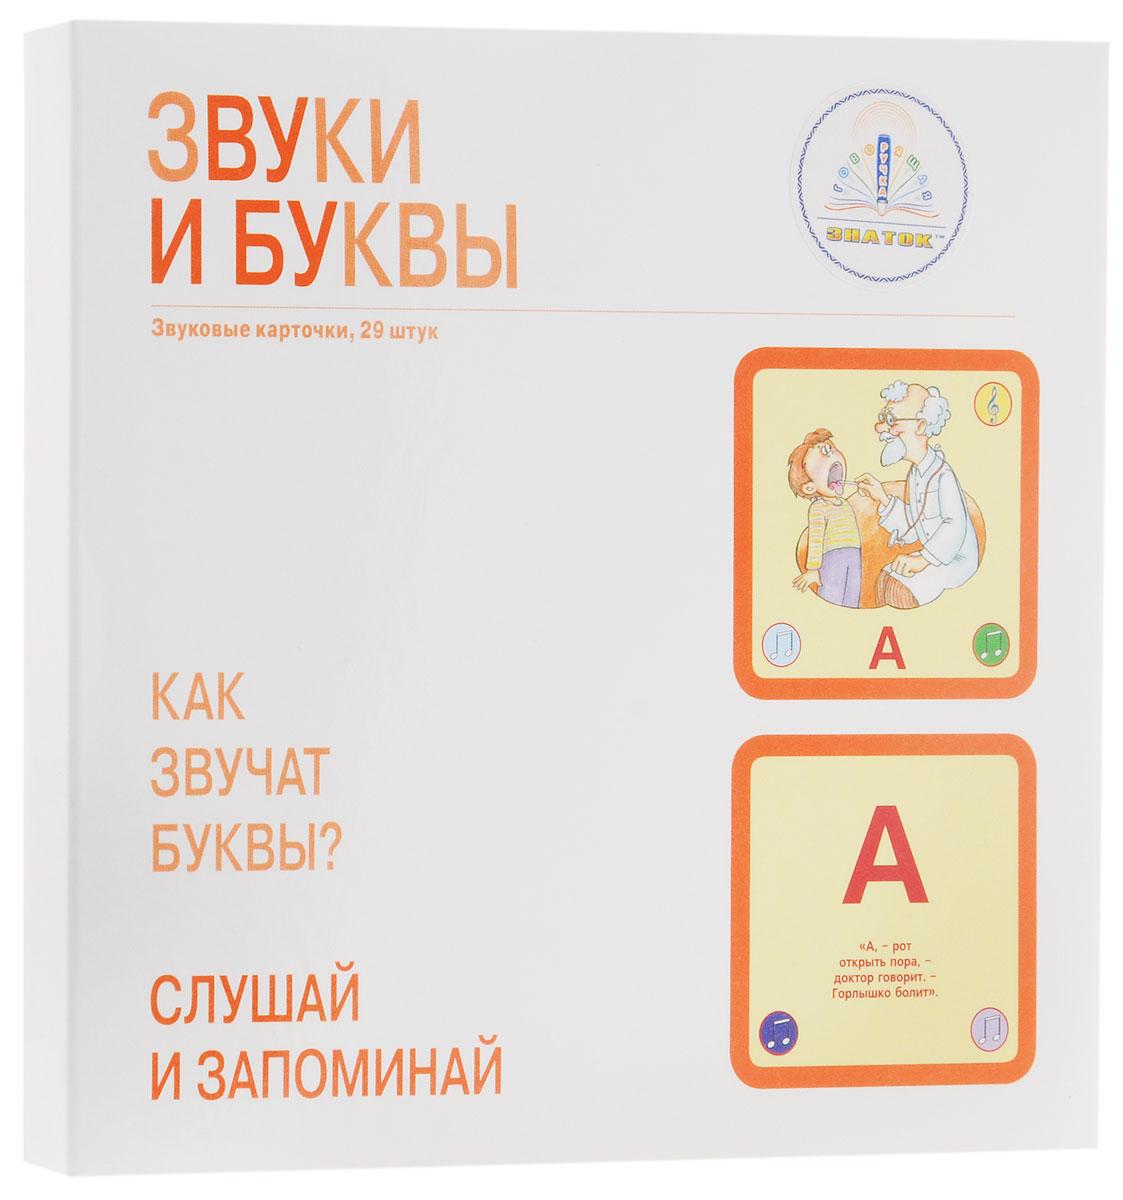 Знаток Обучающие карточки Звуки и буквы40096Набор звуковых карточек Звуки и буквы. Набор представляет собой 29 карточек из гибкого, ламинированного картона. Двусторонние карточки содержат звуковую информацию, воспроизводимую с помощью специального считывающего устройства - ручки Знаток (ручка приобретается отдельно). В наборе идёт сопоставление буква - звук. На каждую букву азбуки приведена история, предмет или животное, которое издаёт звук: царь зверей - громко рычит; кастрюля - пыхтит на плите; доктор - осматривает больное горло. Для активации аудиофайла, предварительно закаченного в память устройства, нужно навести сканирующий элемент ручки к фирменному логотипу на упаковке набора карточек. После приветствия, ручка будет активировать звуковые сноски, нанесённые на каждую карточку. На лицевой стороне карточек располагается три круга, в каждом из них, при активации, звучат песенки. В центре карточек нарисованы большие цветные изображения, активируя их, ручка читает стихотворения....